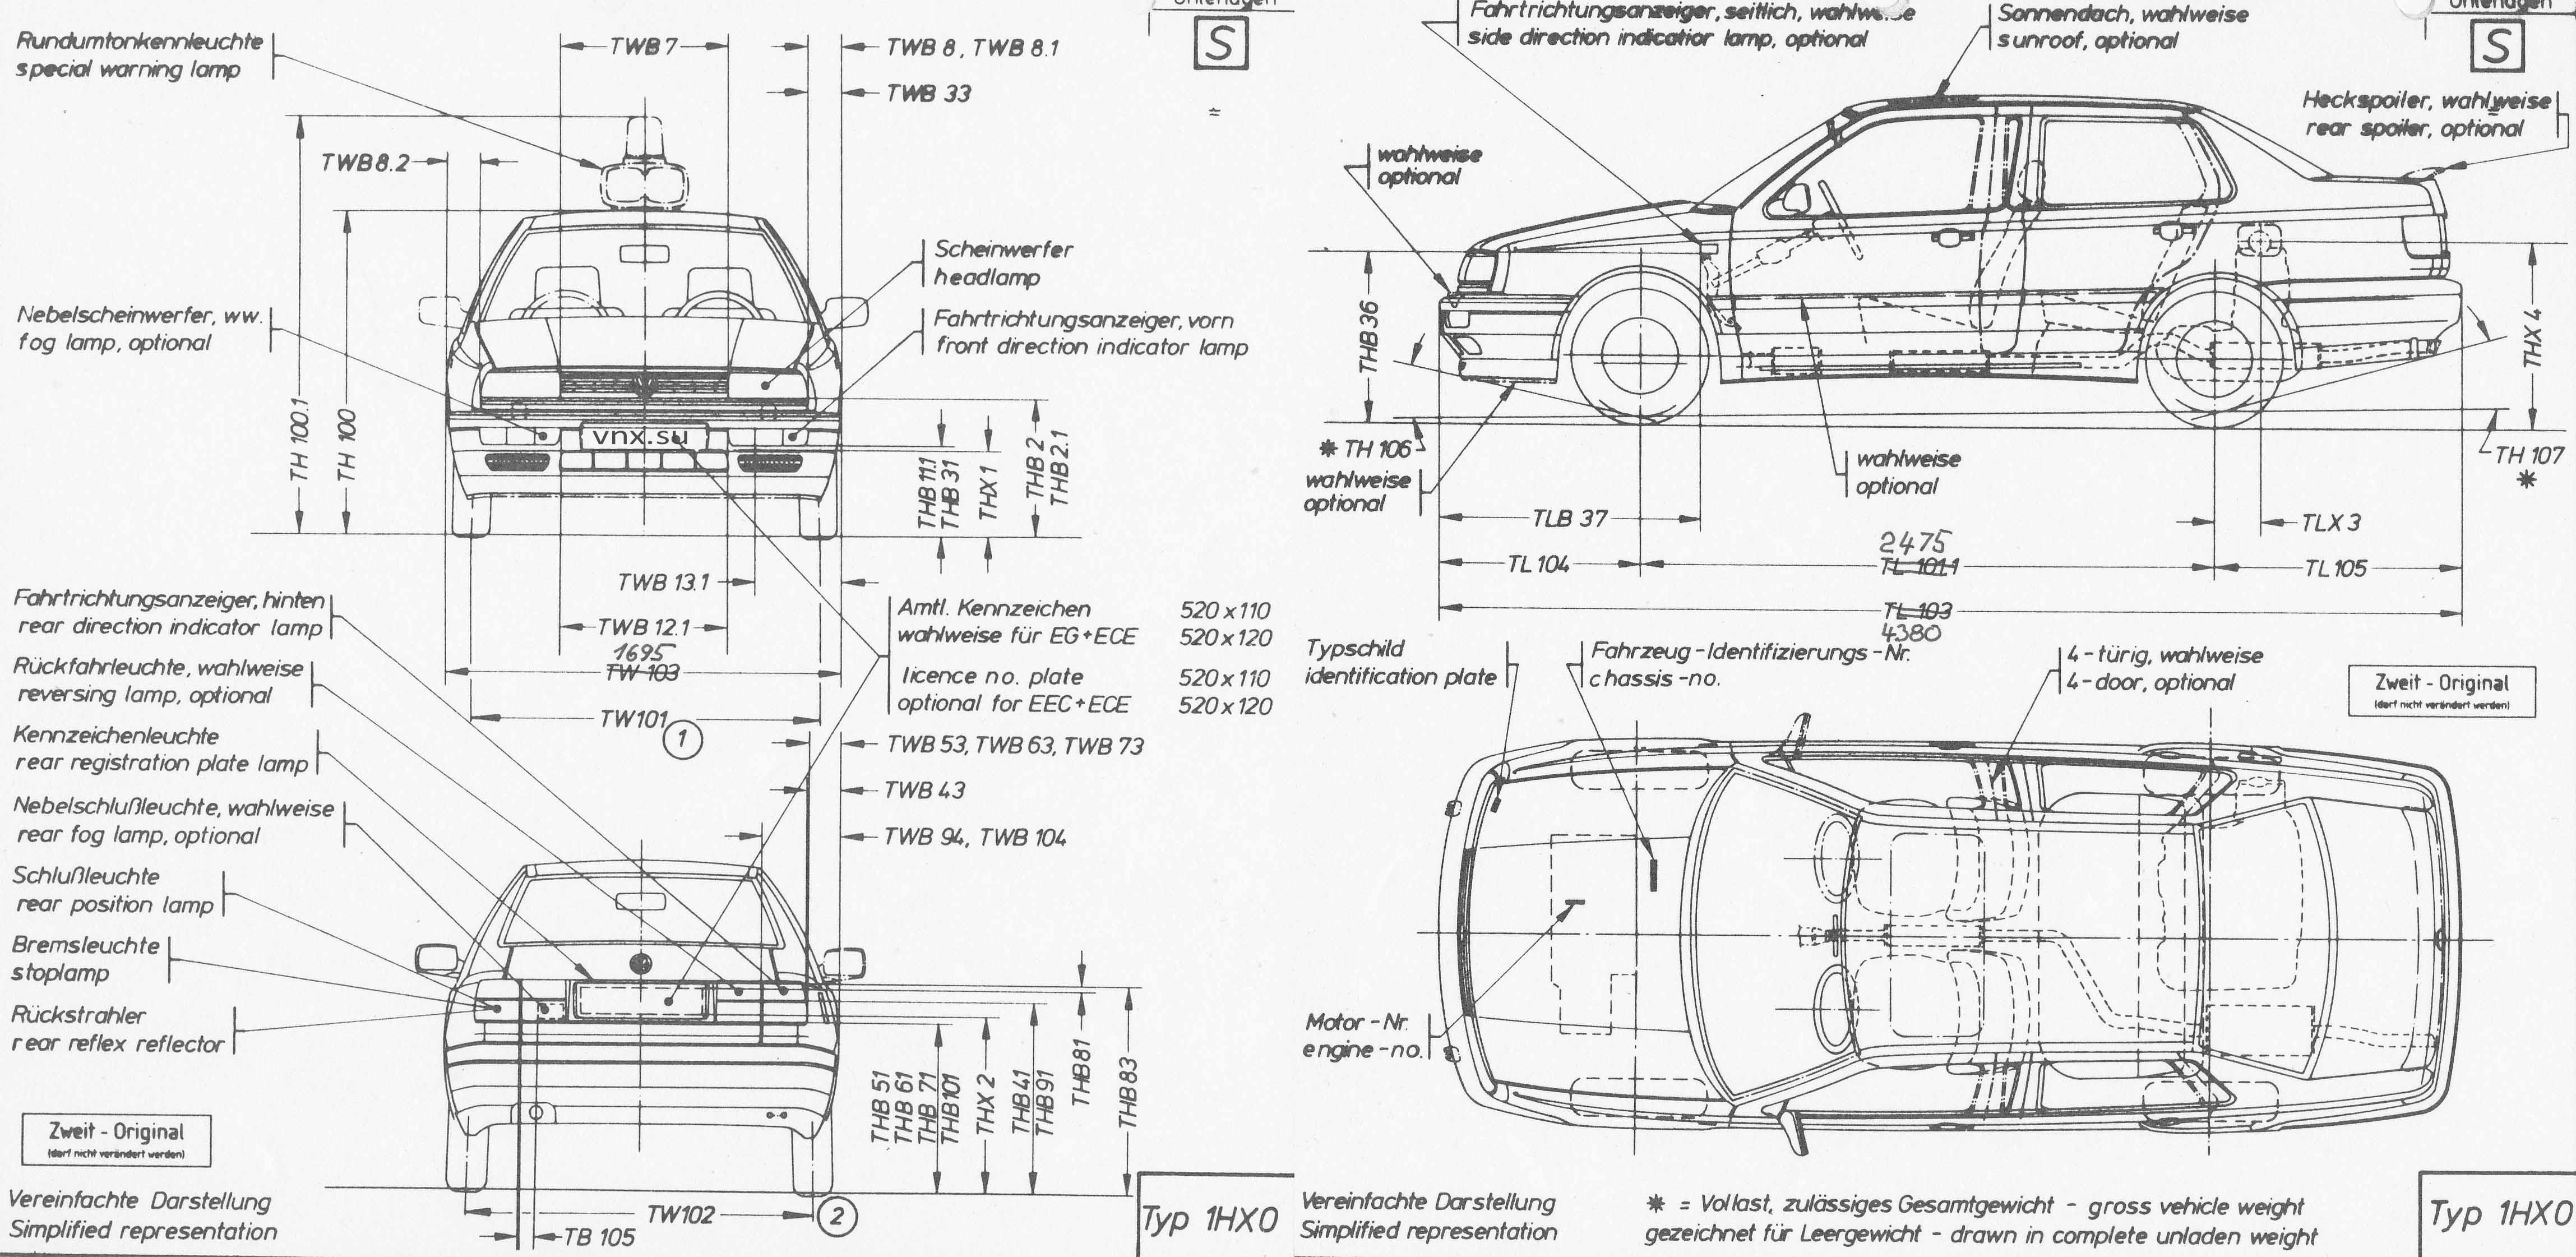 инструкция по ремонту коробки передач фольксваген пассат б2